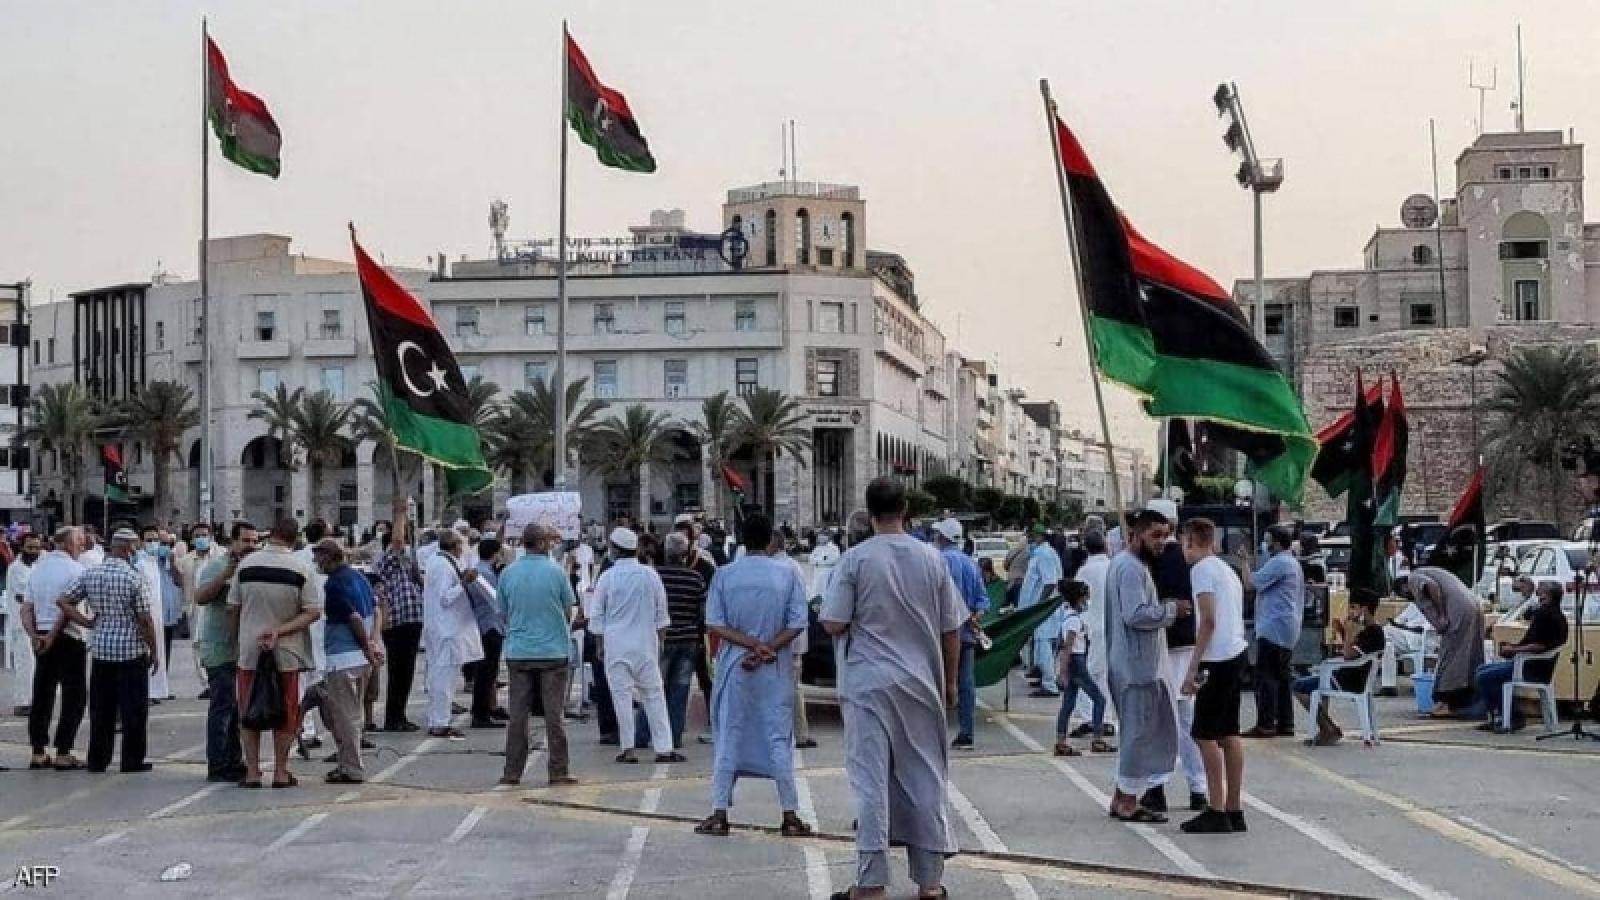 Quốc tế cảnh báo những diễn biếnnguy hiểm ở Libya trước bầu cử